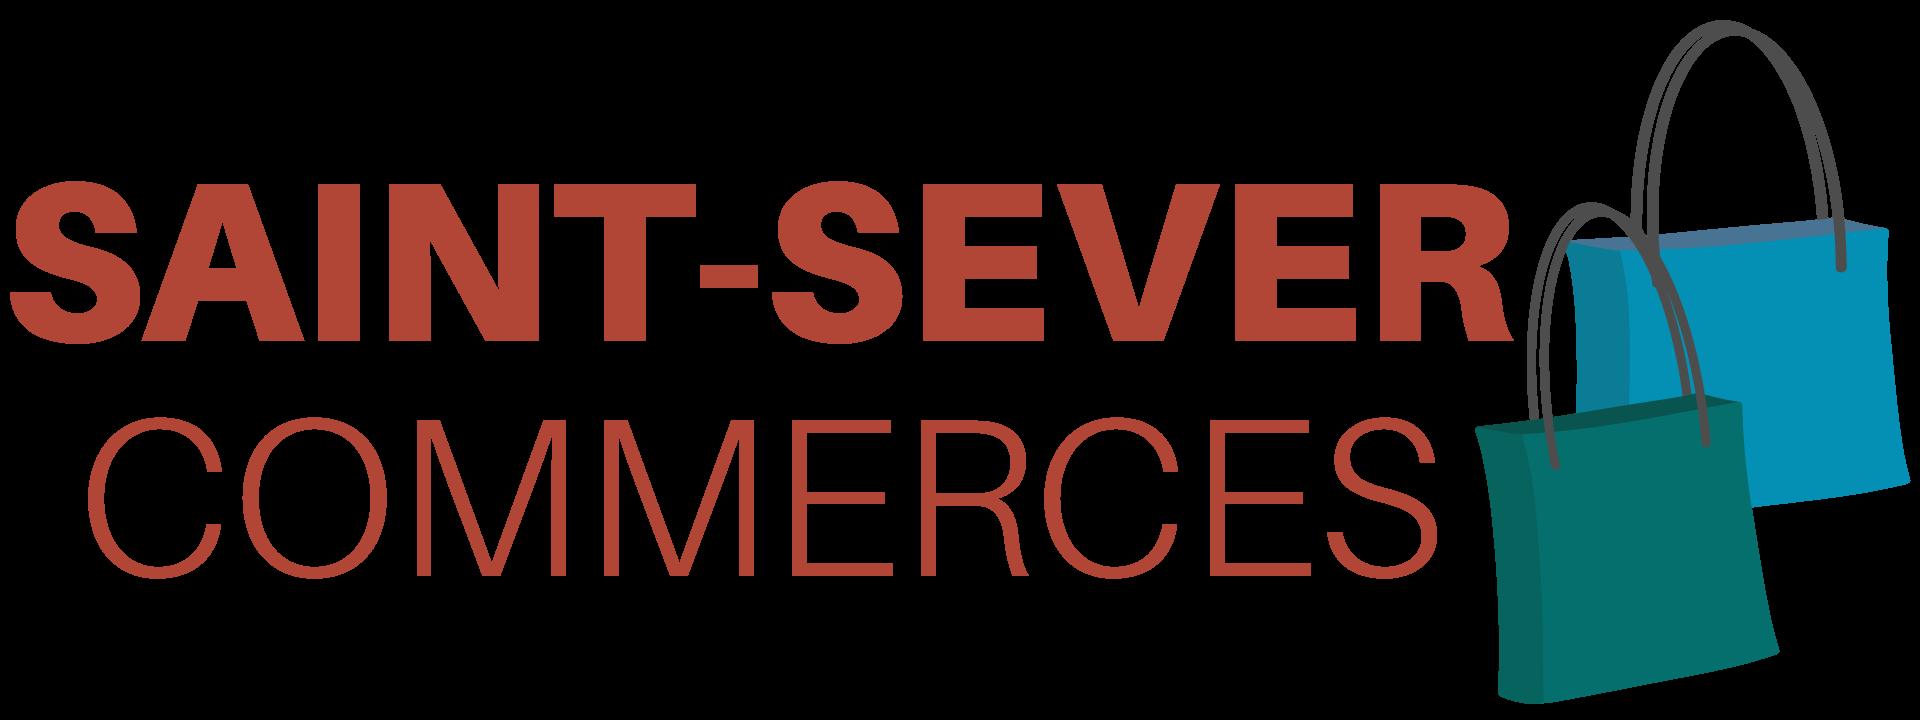 Saint-Sever Commerces